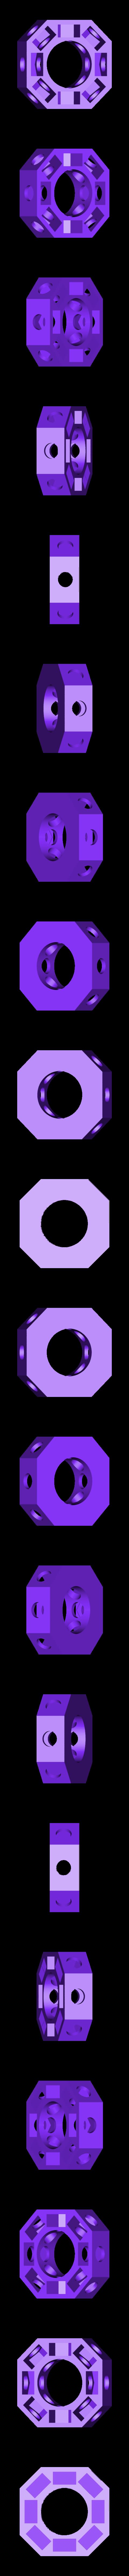 Ring_Node.STL Download free STL file Ring Node • 3D printing model, JeremyRonderberg93